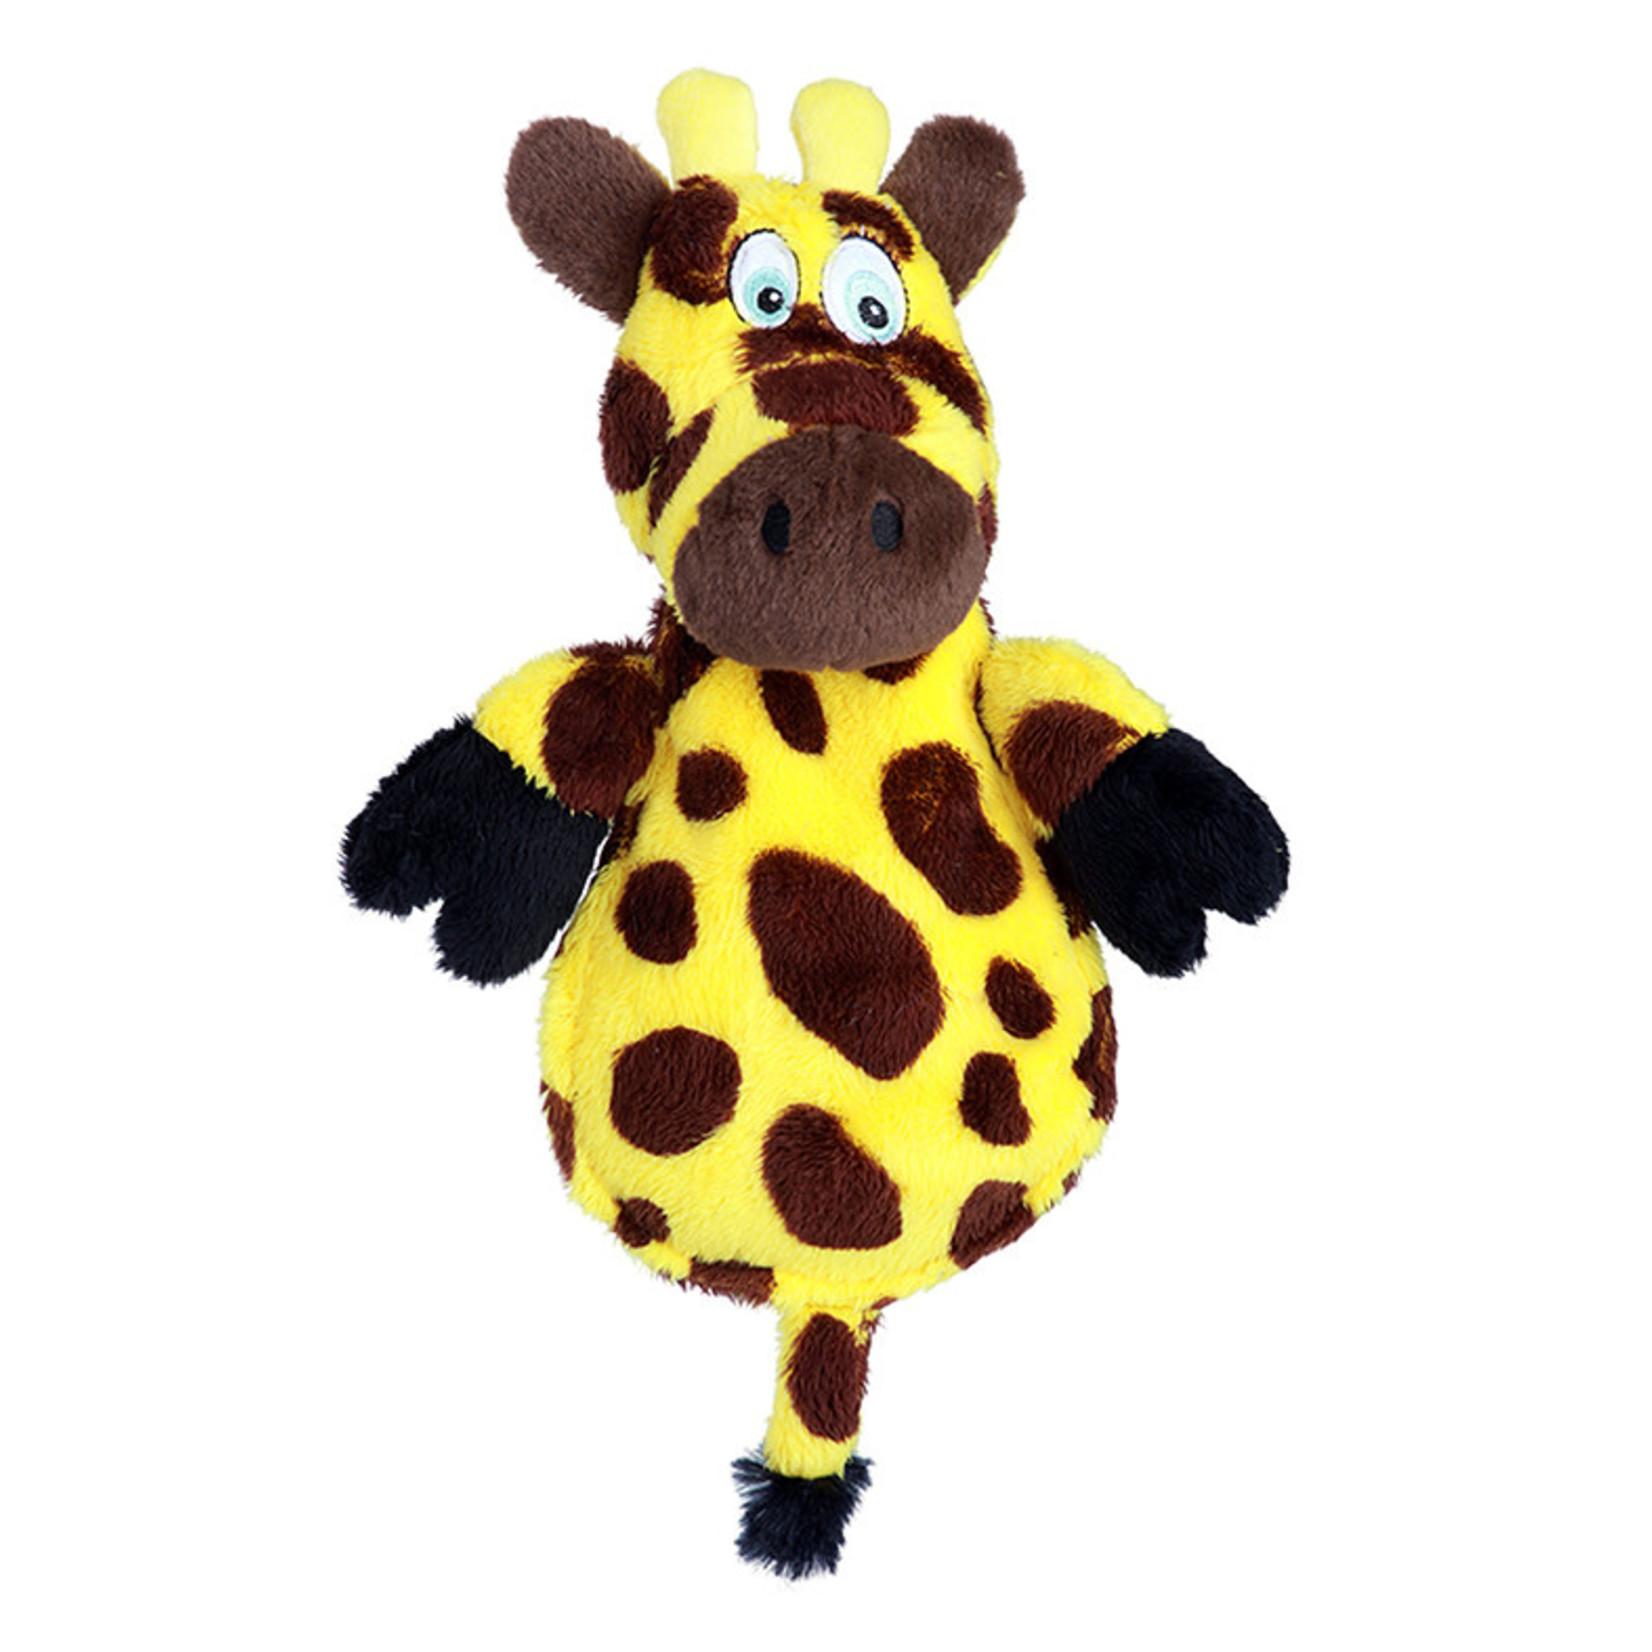 Worldwise/QPG/GoDog WW Hear Doggy Flats Giraffe Dog Toy